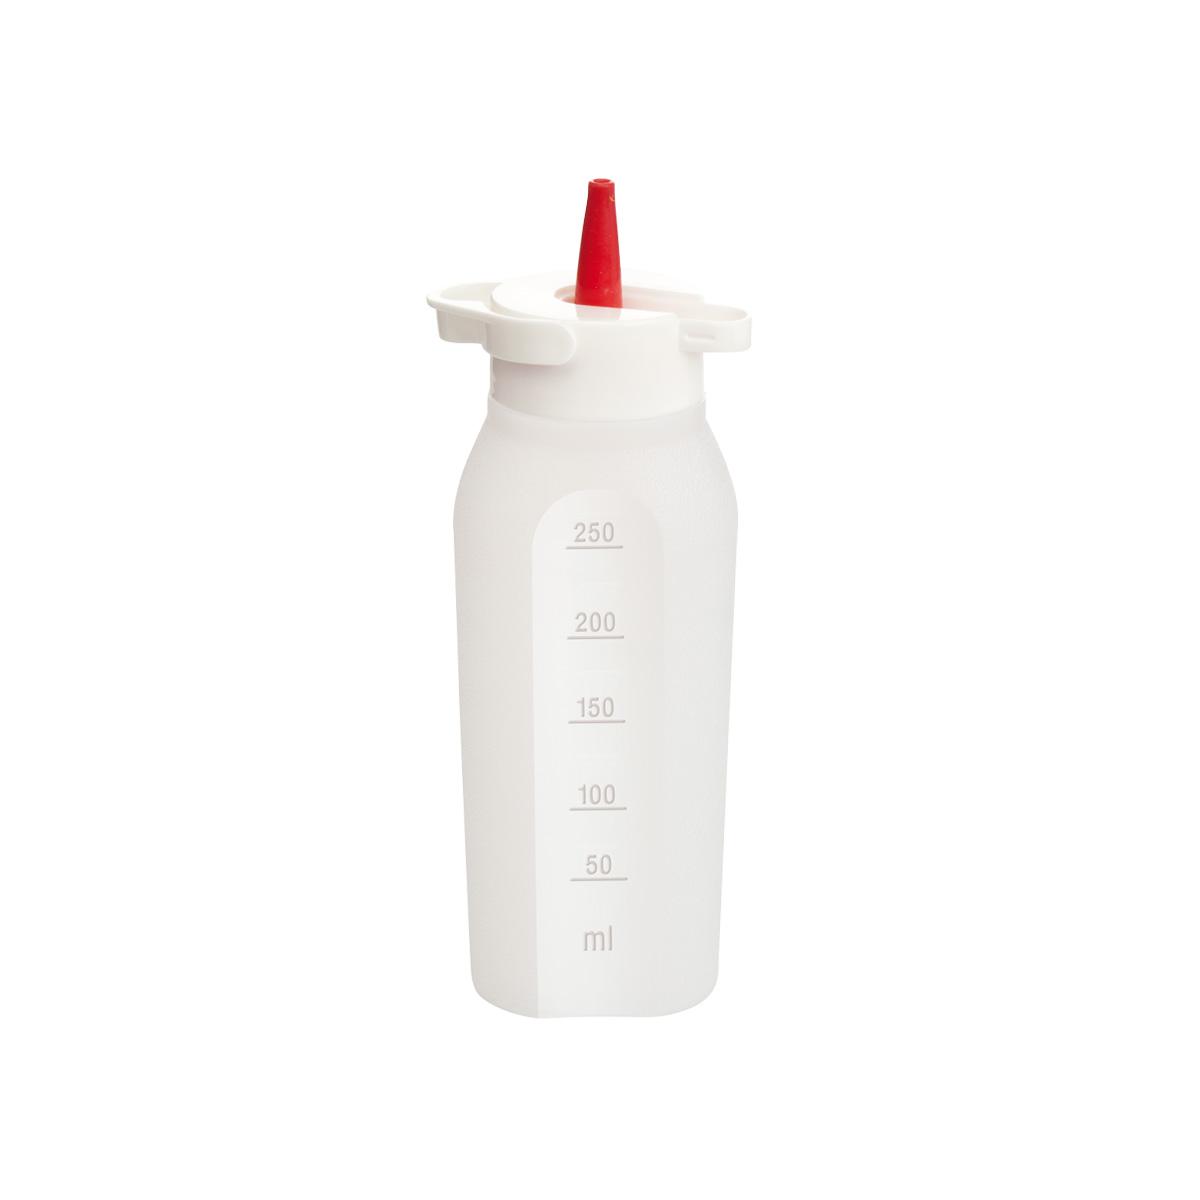 Dávkovací láhev PRESTO 250 ml, 4 trysky